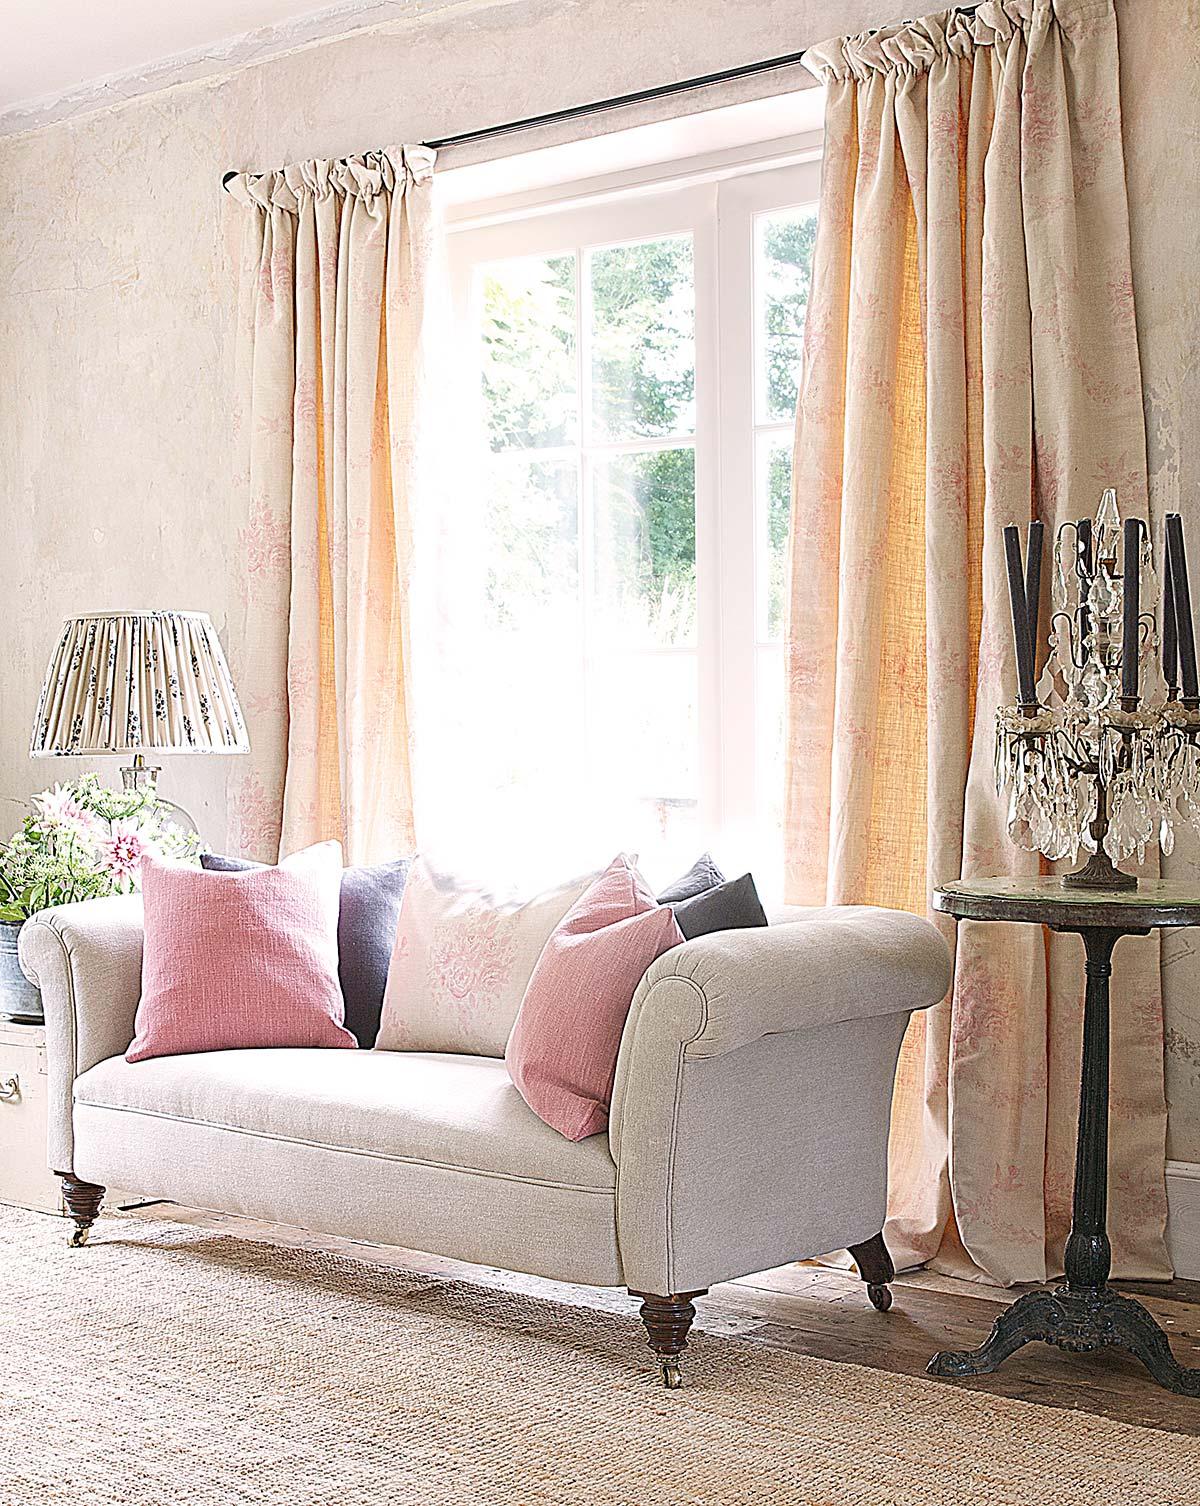 Pink-Sophia-Curtains-&-Pebble-Sofa